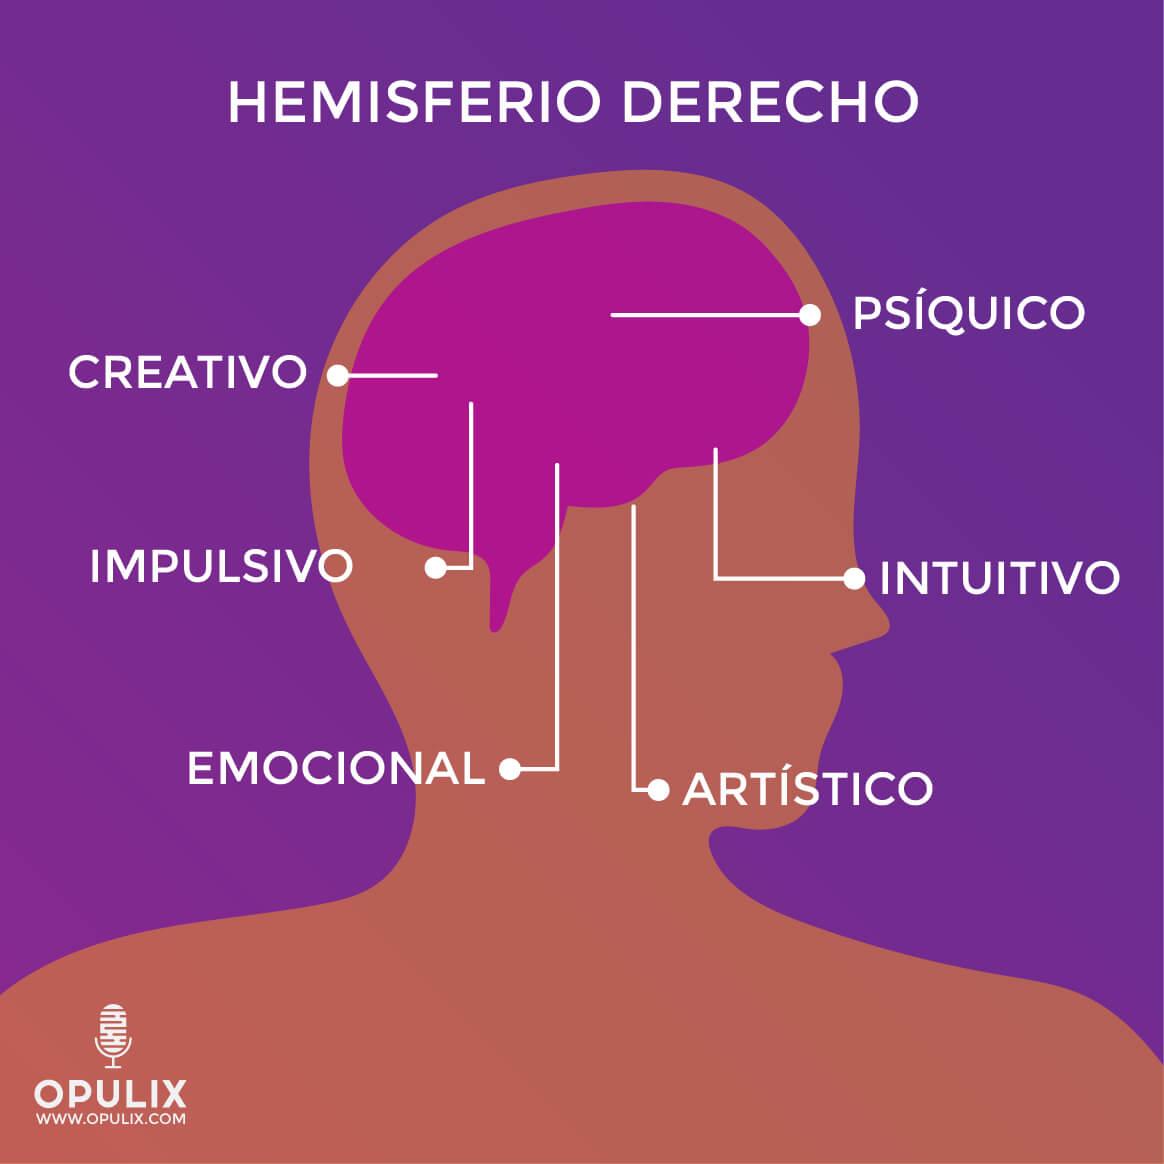 ¿Cuál hemisferio de tu cerebro usas más? - lado izquierdo vs. Lado derecho